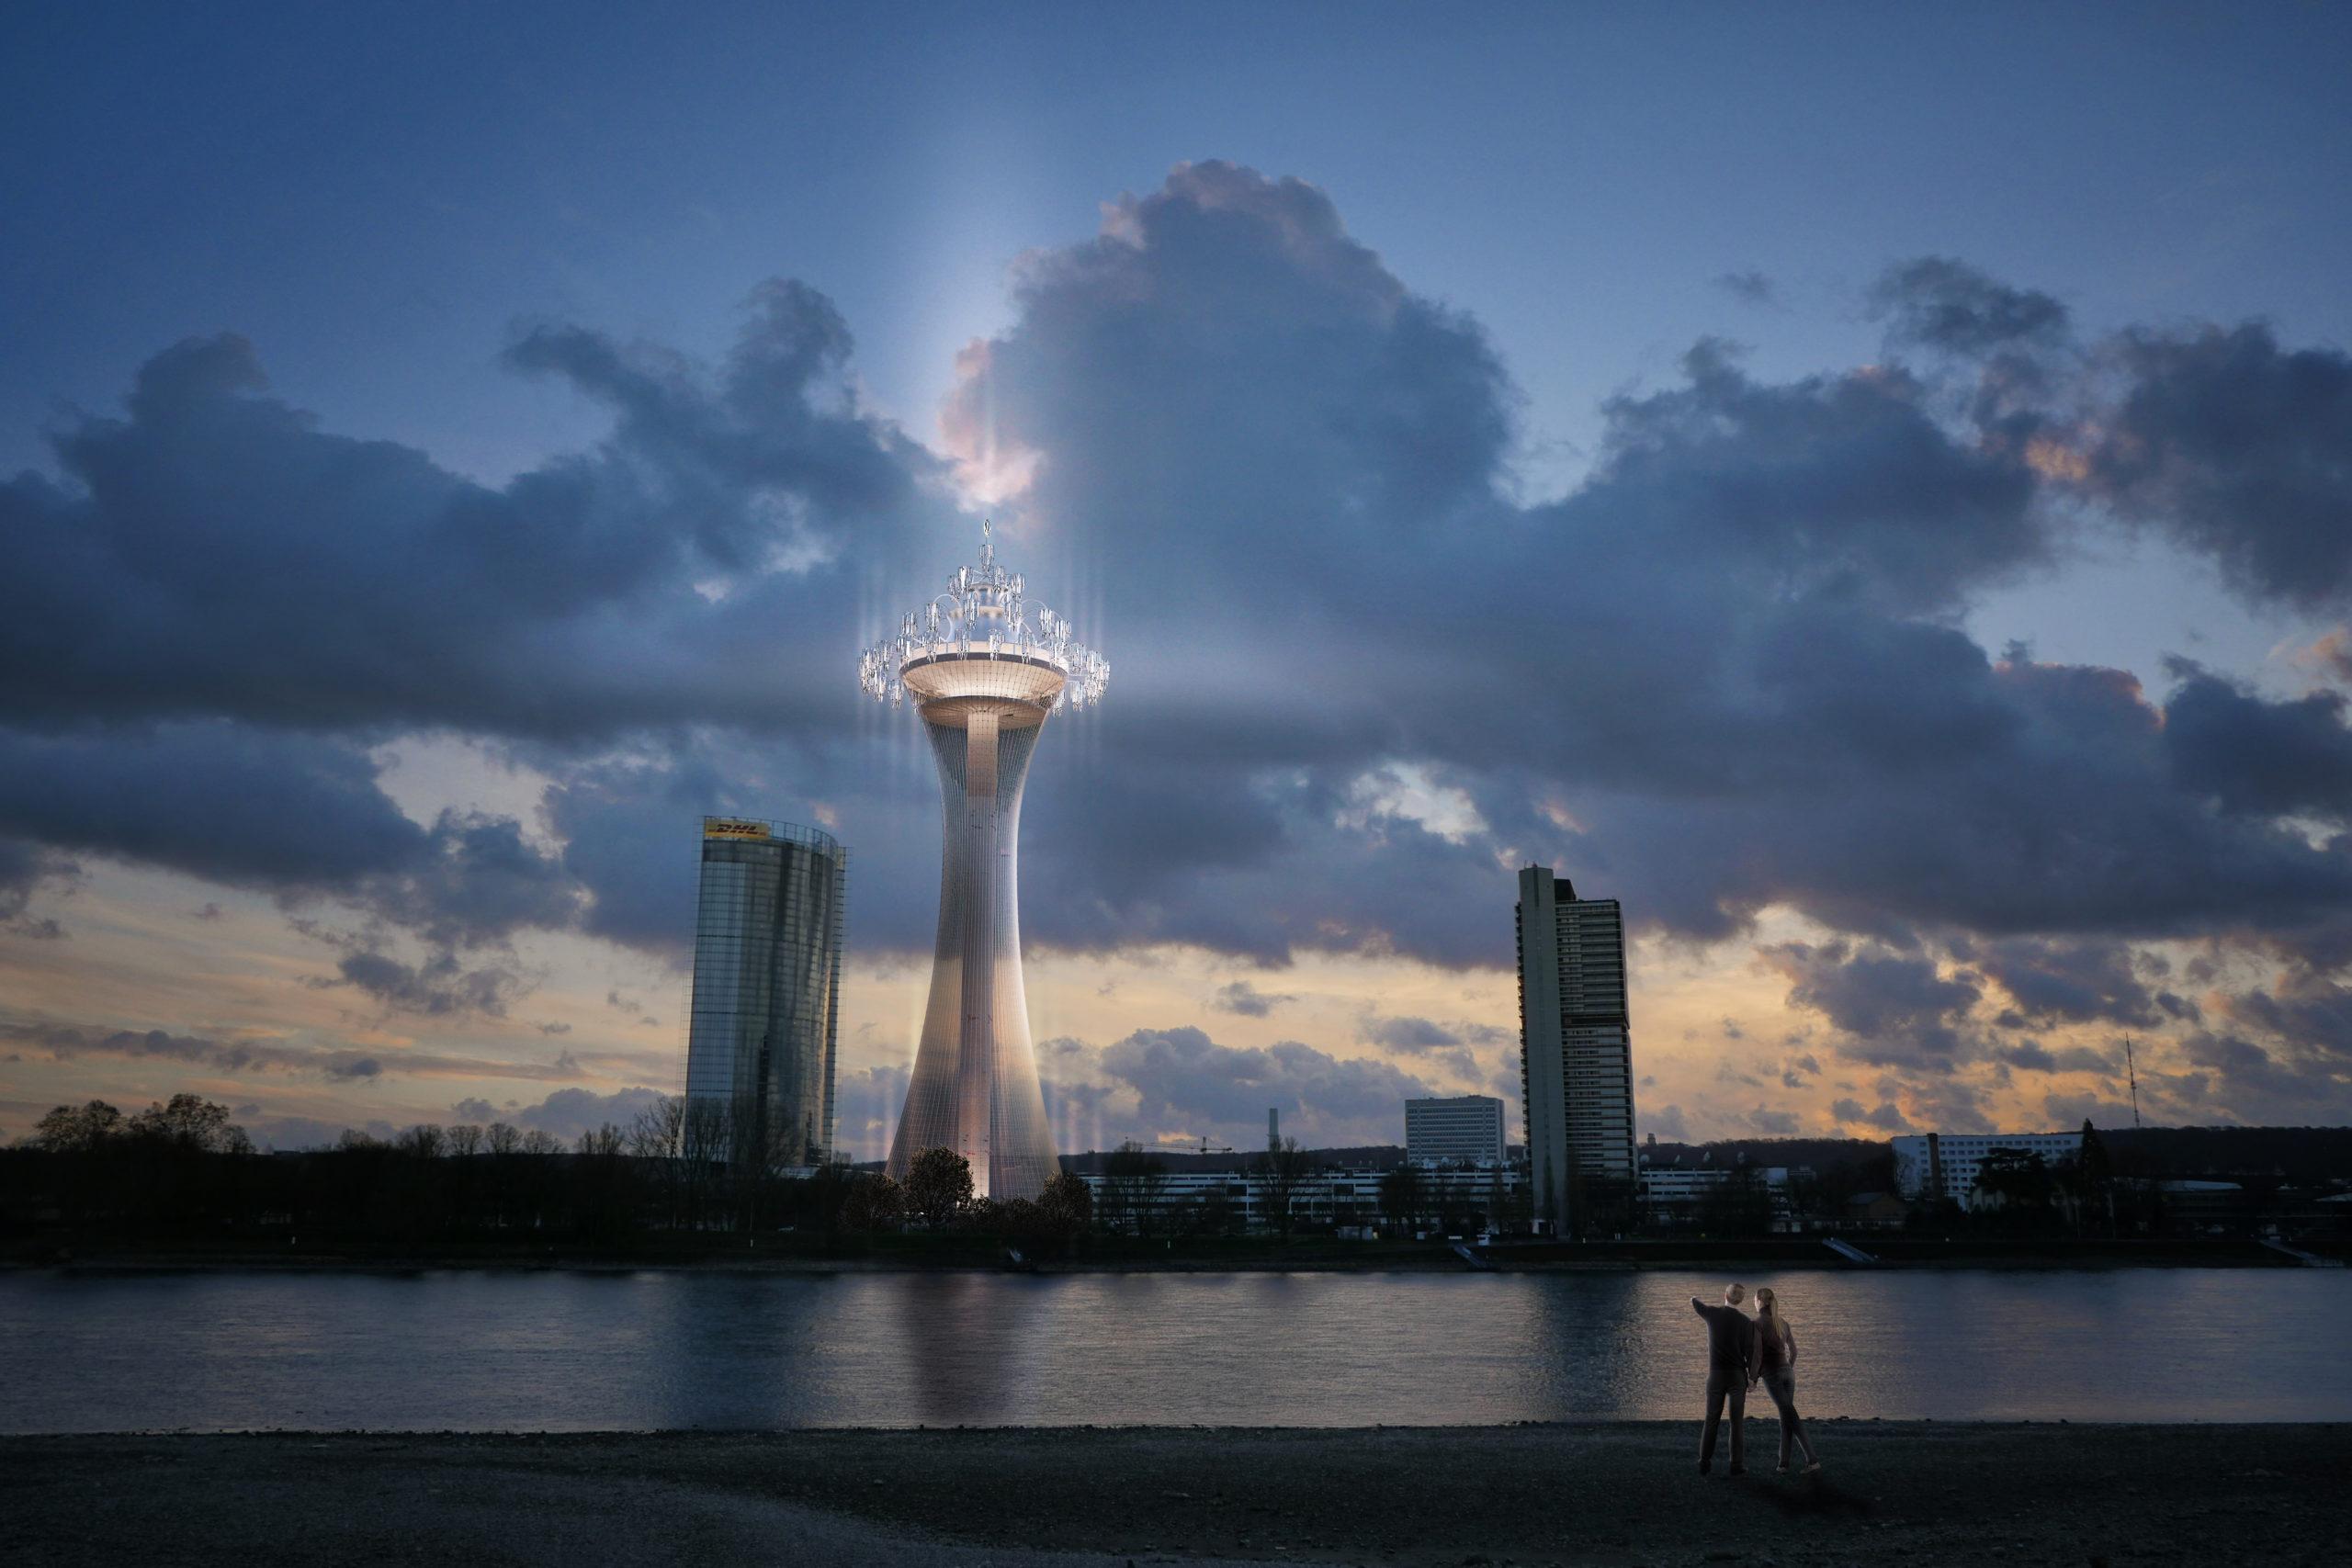 Aire - ein Turm für Bonn